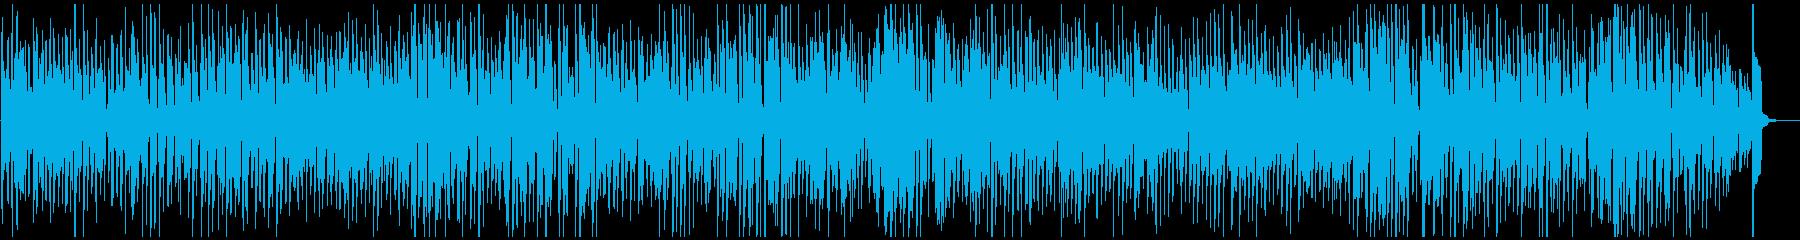 レトロジャズ、牧歌的なジプシースイングの再生済みの波形